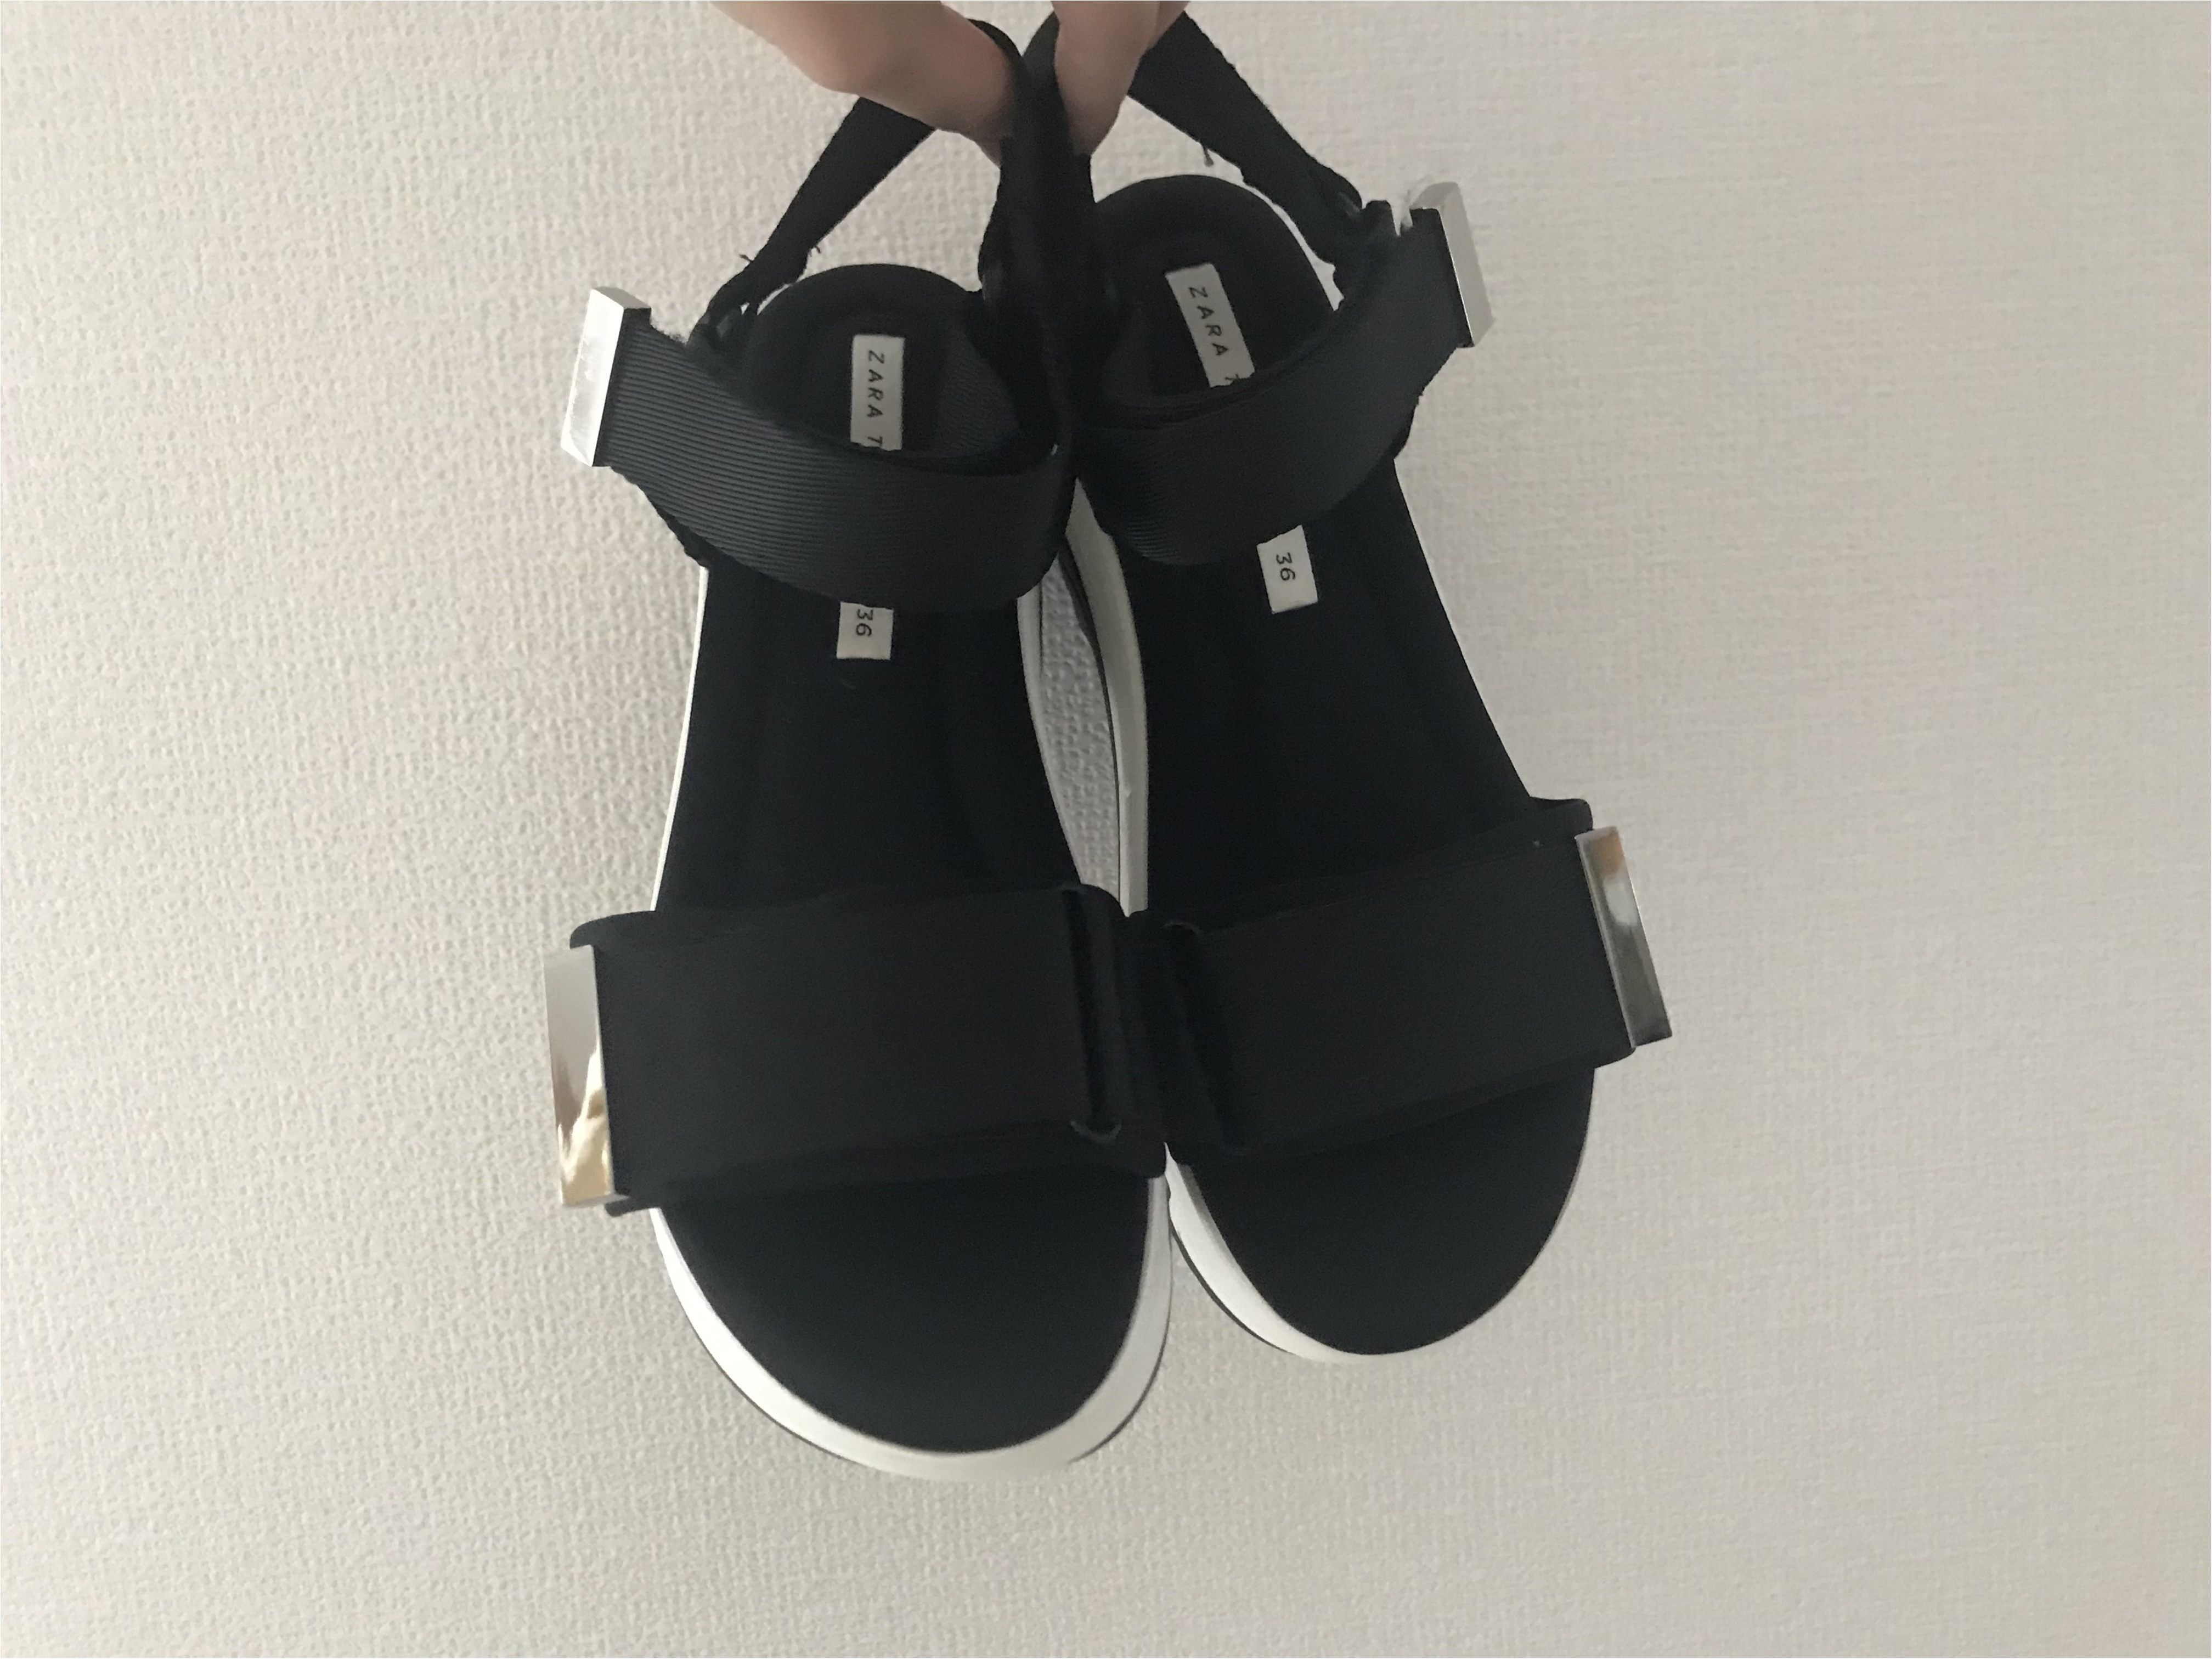 【ZARA】買ってよかった高コスパ靴!売切れ必須#ヴェッジソールサンダルが優秀すぎ♡_1